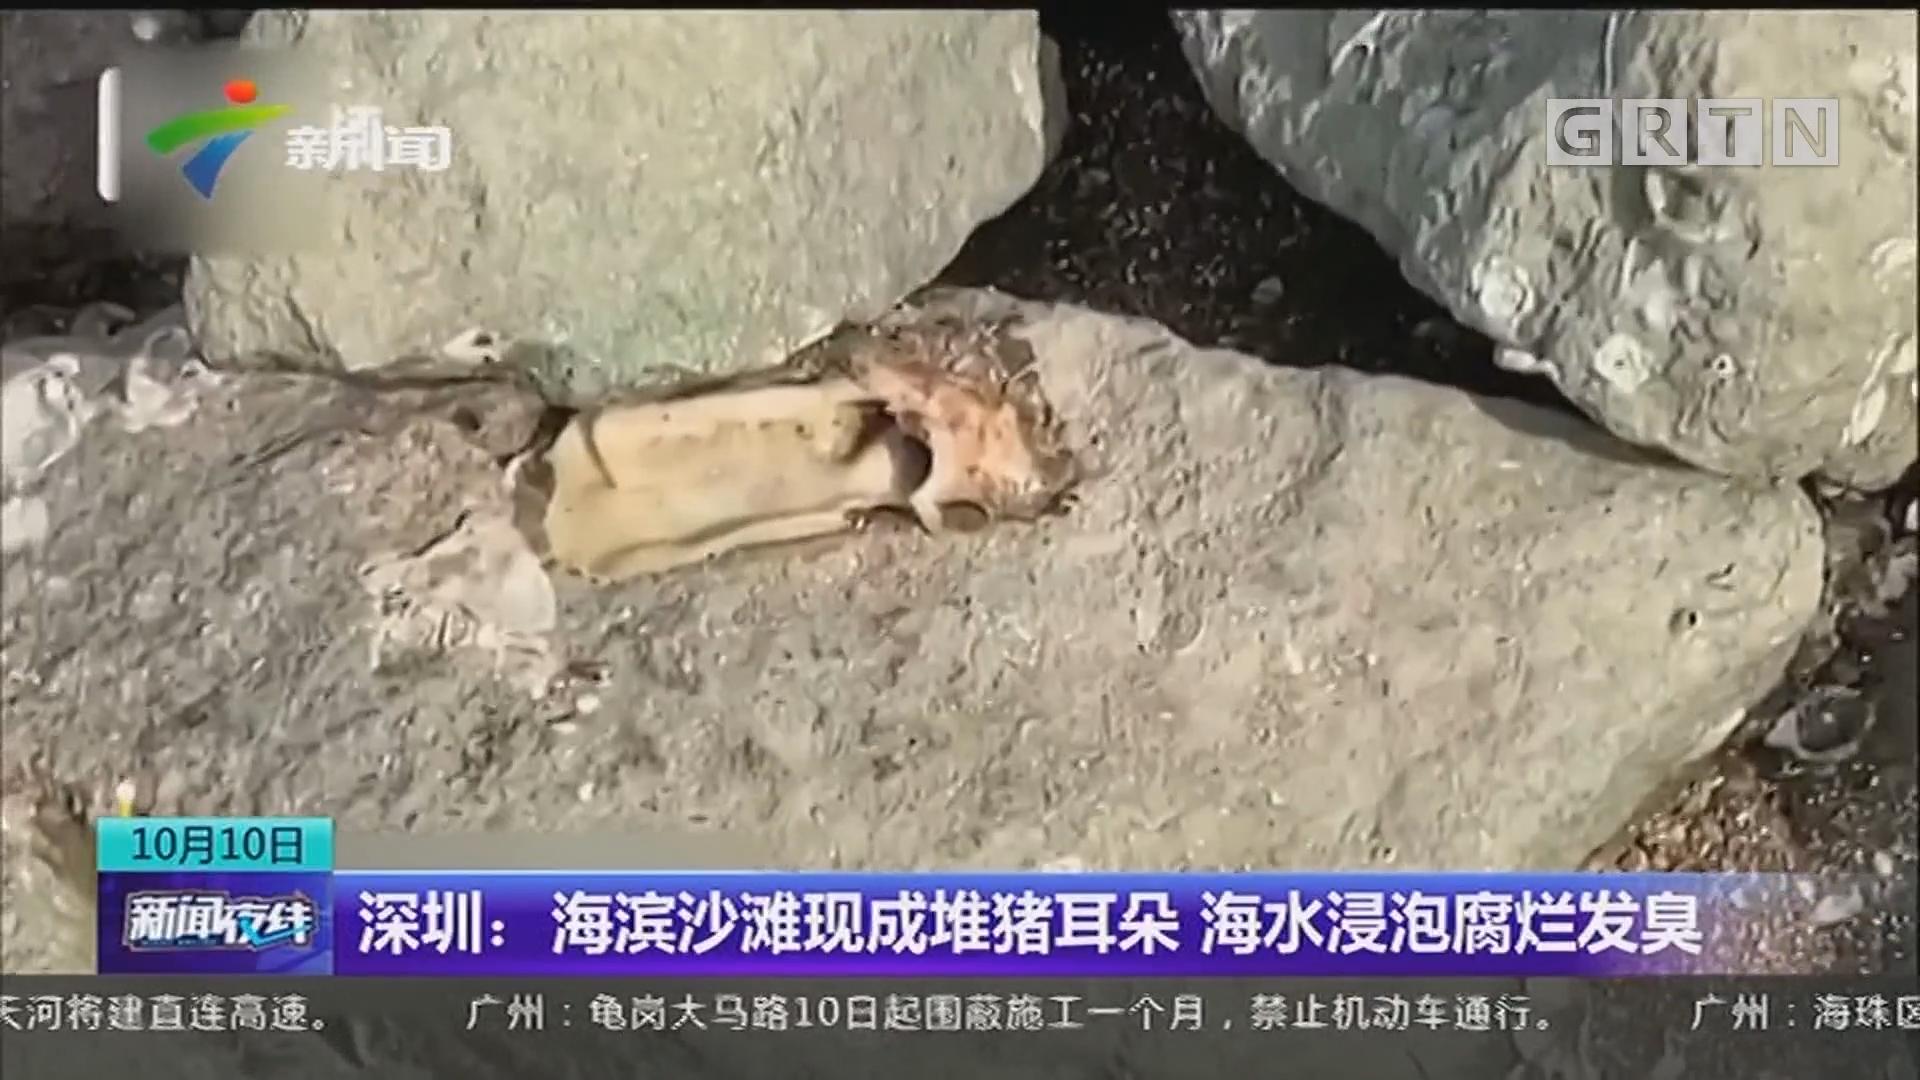 深圳:海滨沙滩现成堆猪耳朵 海水浸泡腐烂发臭